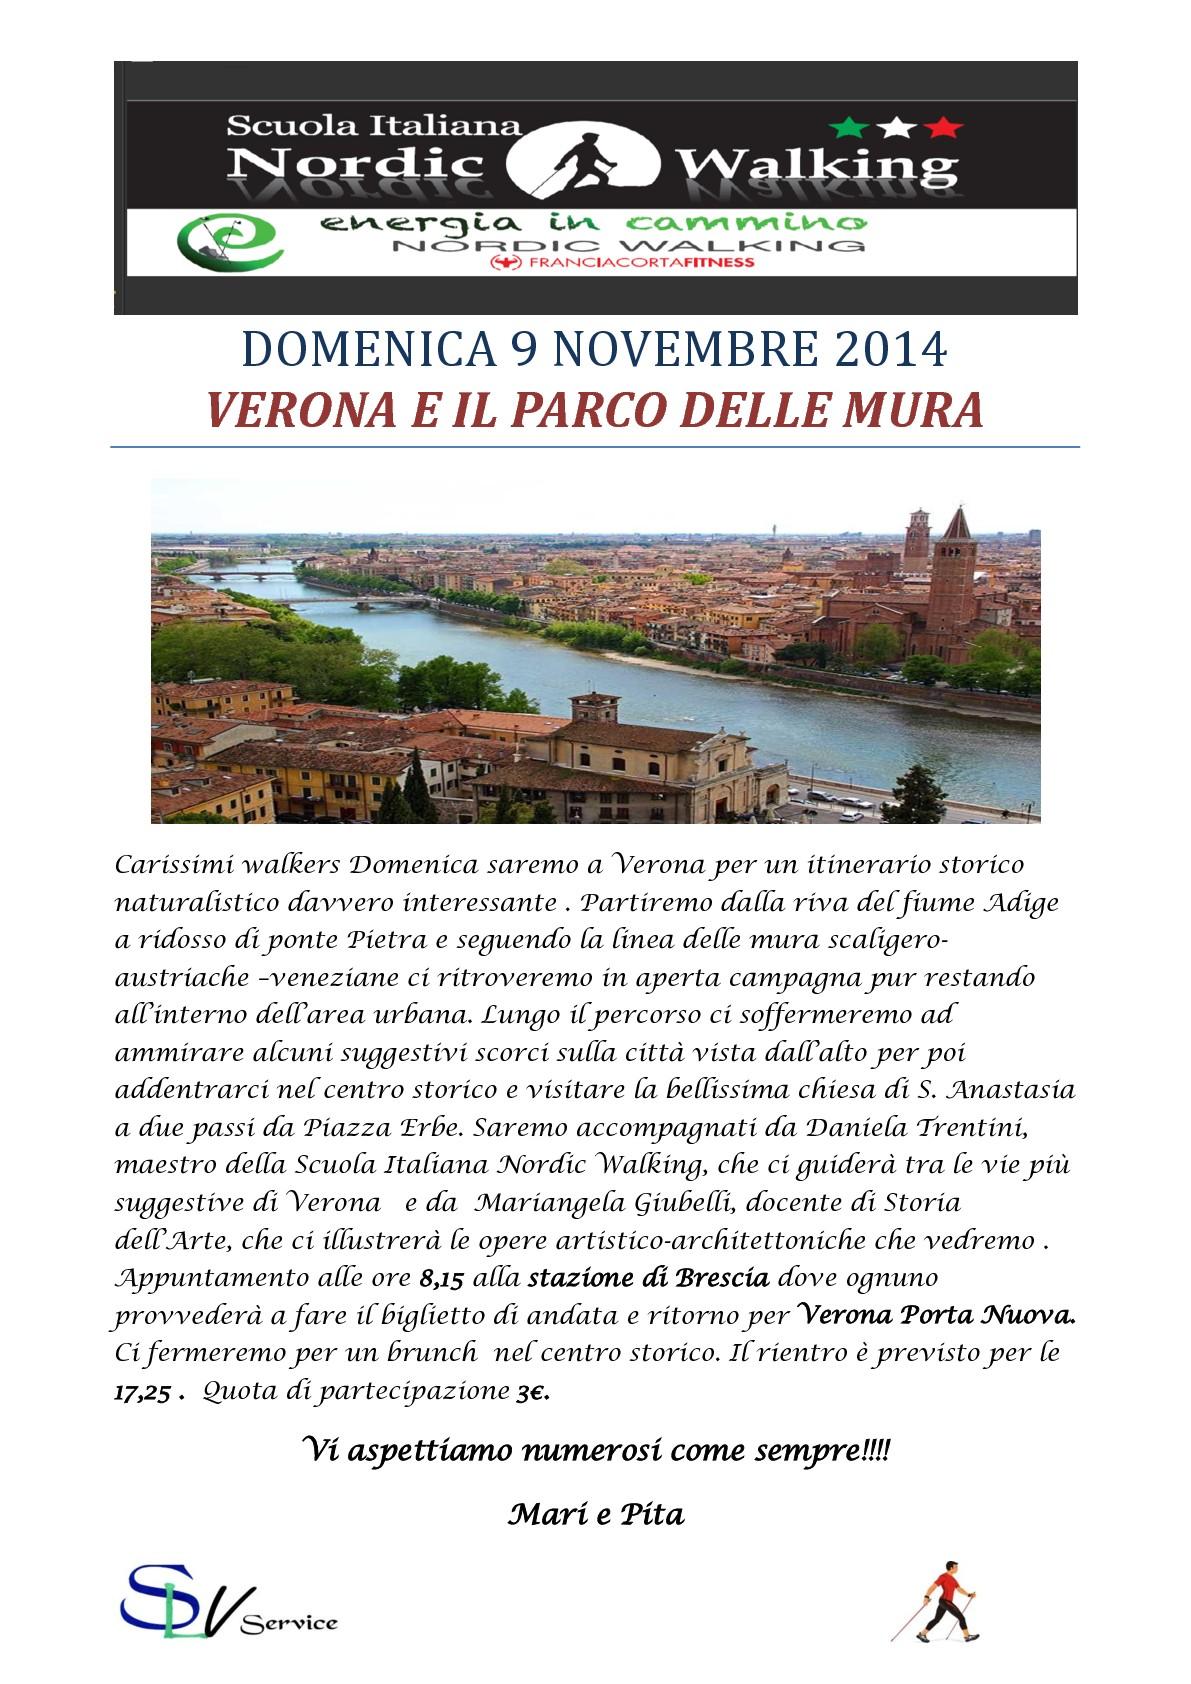 DOMENICA 9 NOVEMBRE 2014                     VERONA E IL PARCO DELLE MURA-001-001